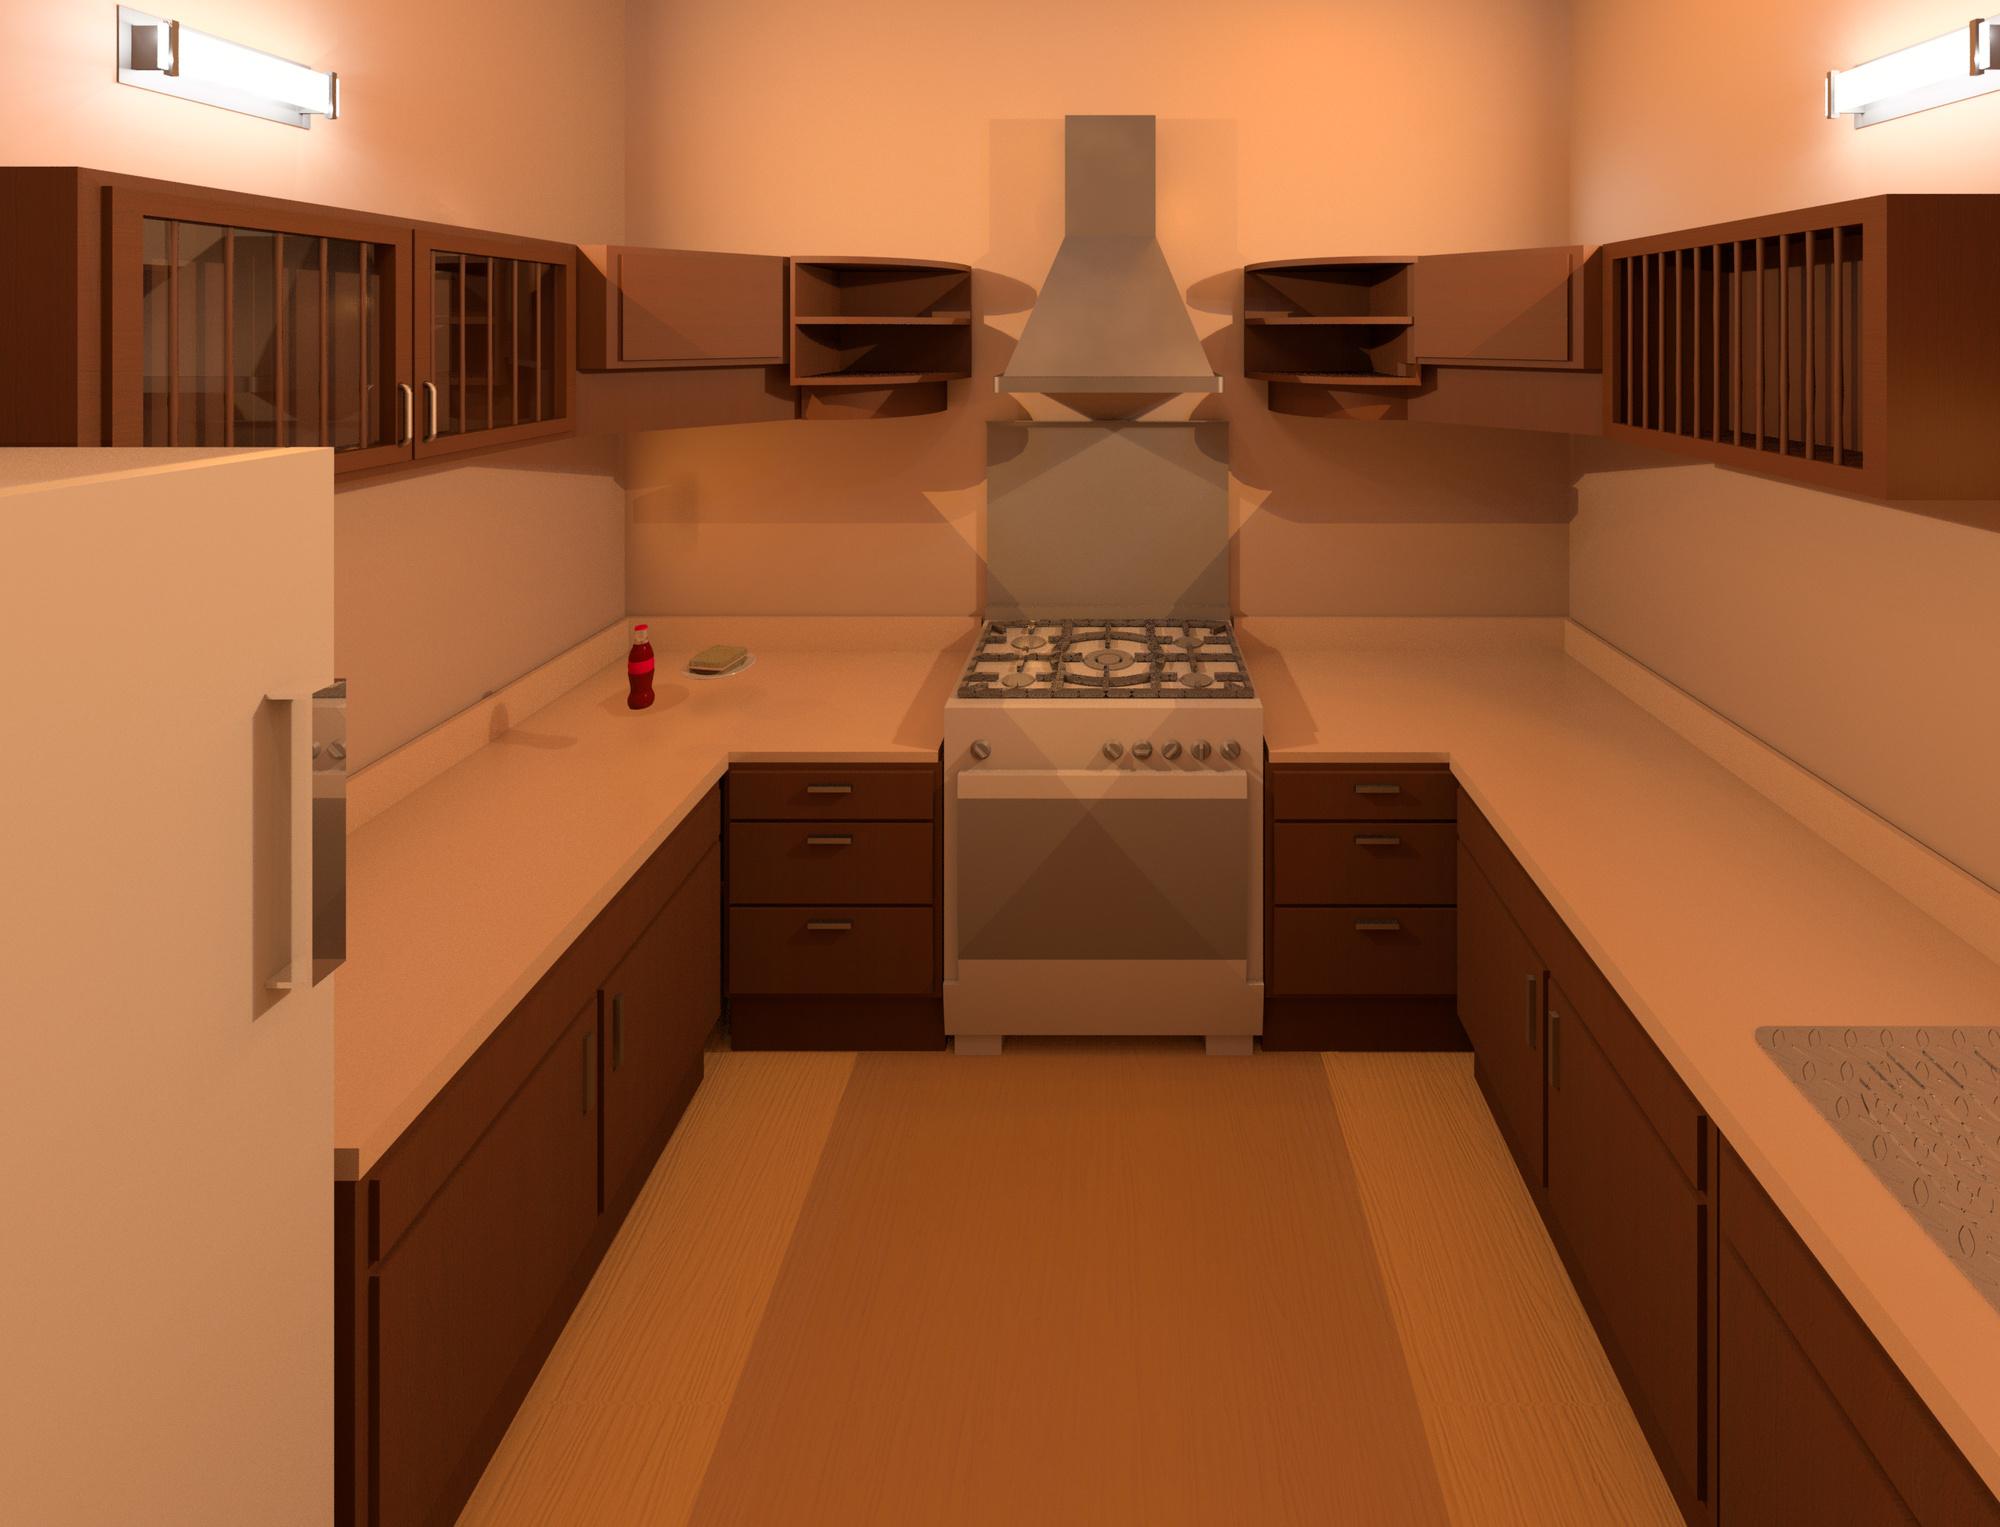 Raas-rendering20141225-13831-5y5xr6